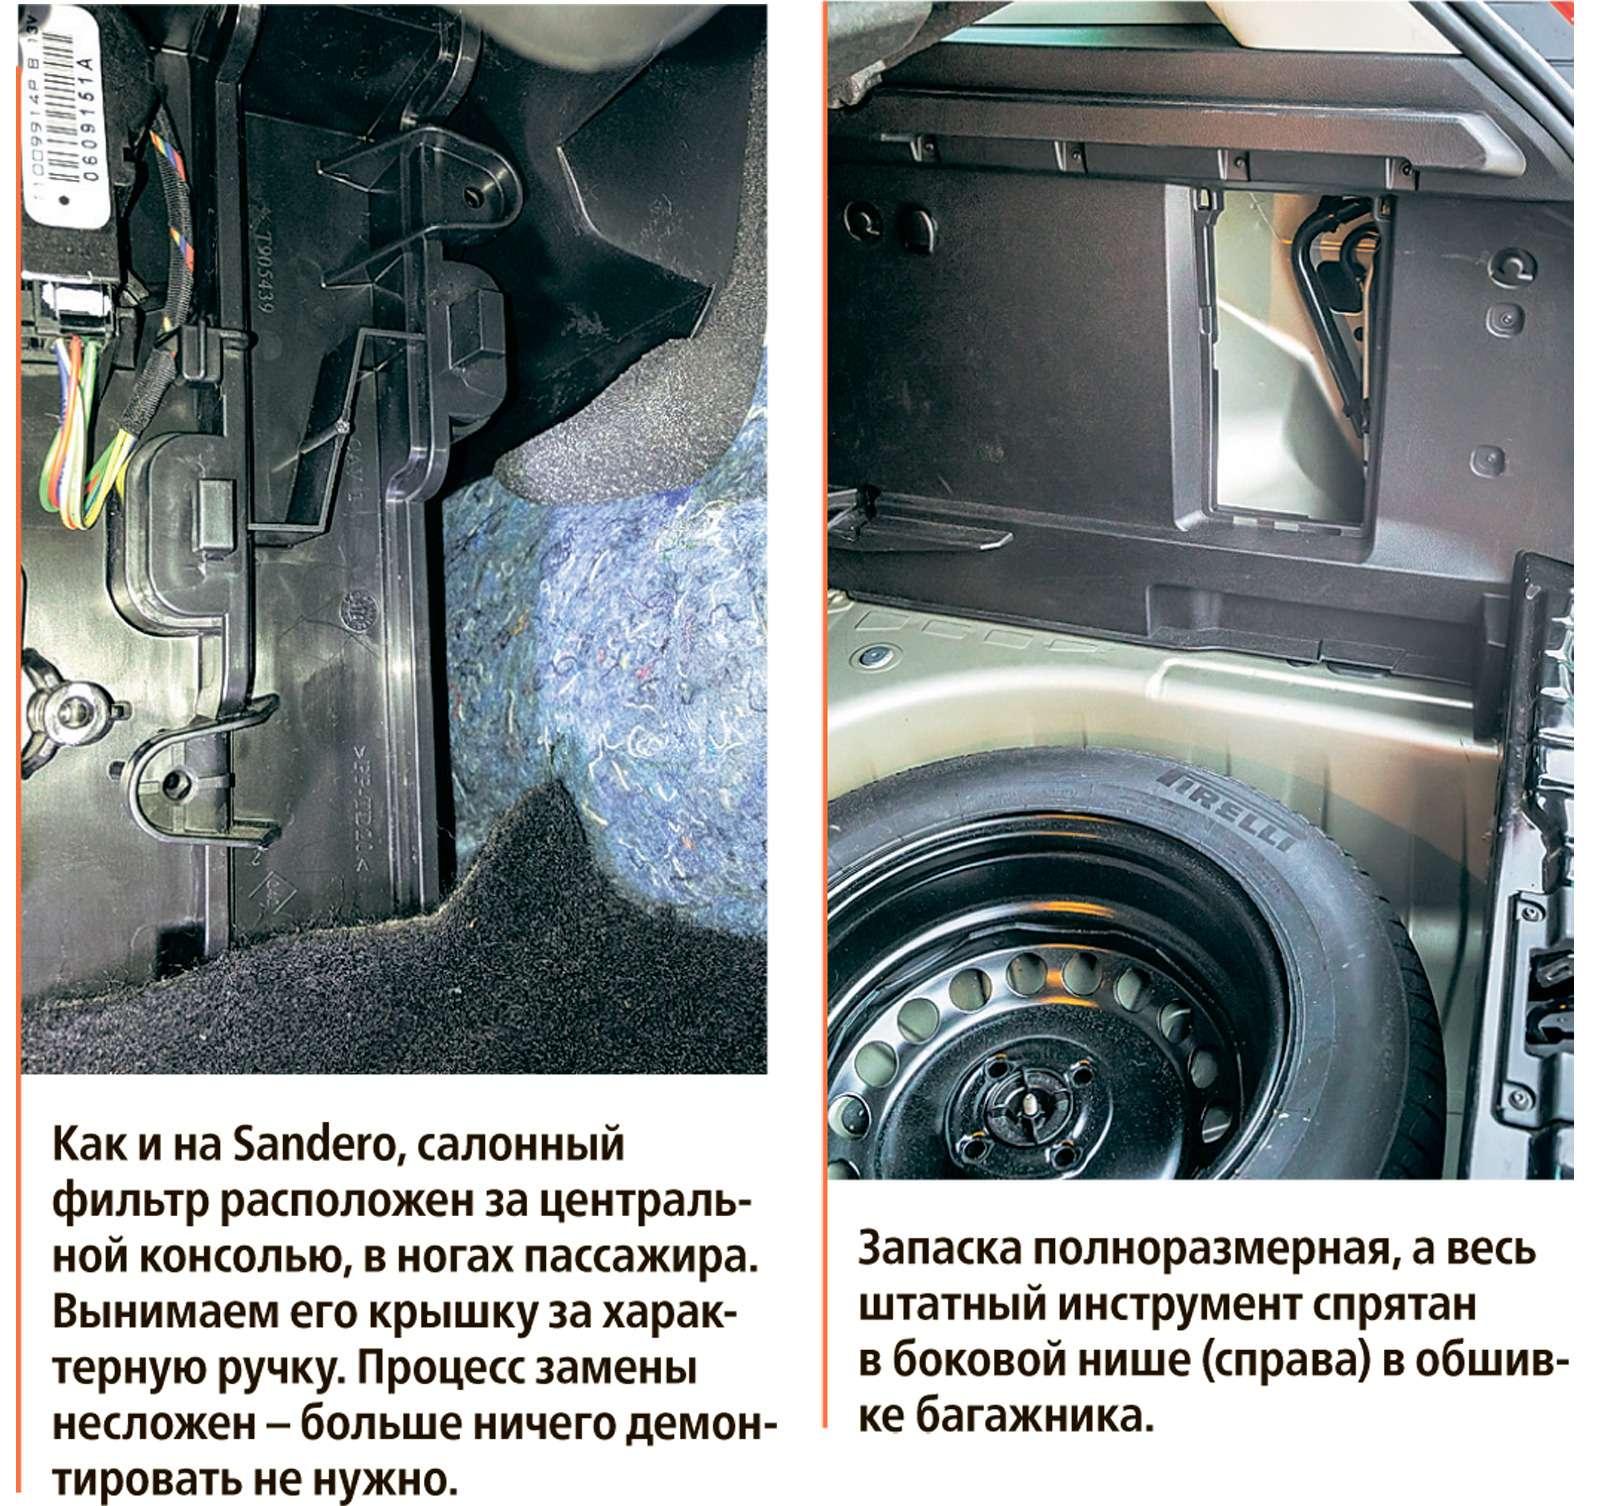 Экс-таз: как Lada XRAY показал себя втесте наремонтопригодность— фото 568511